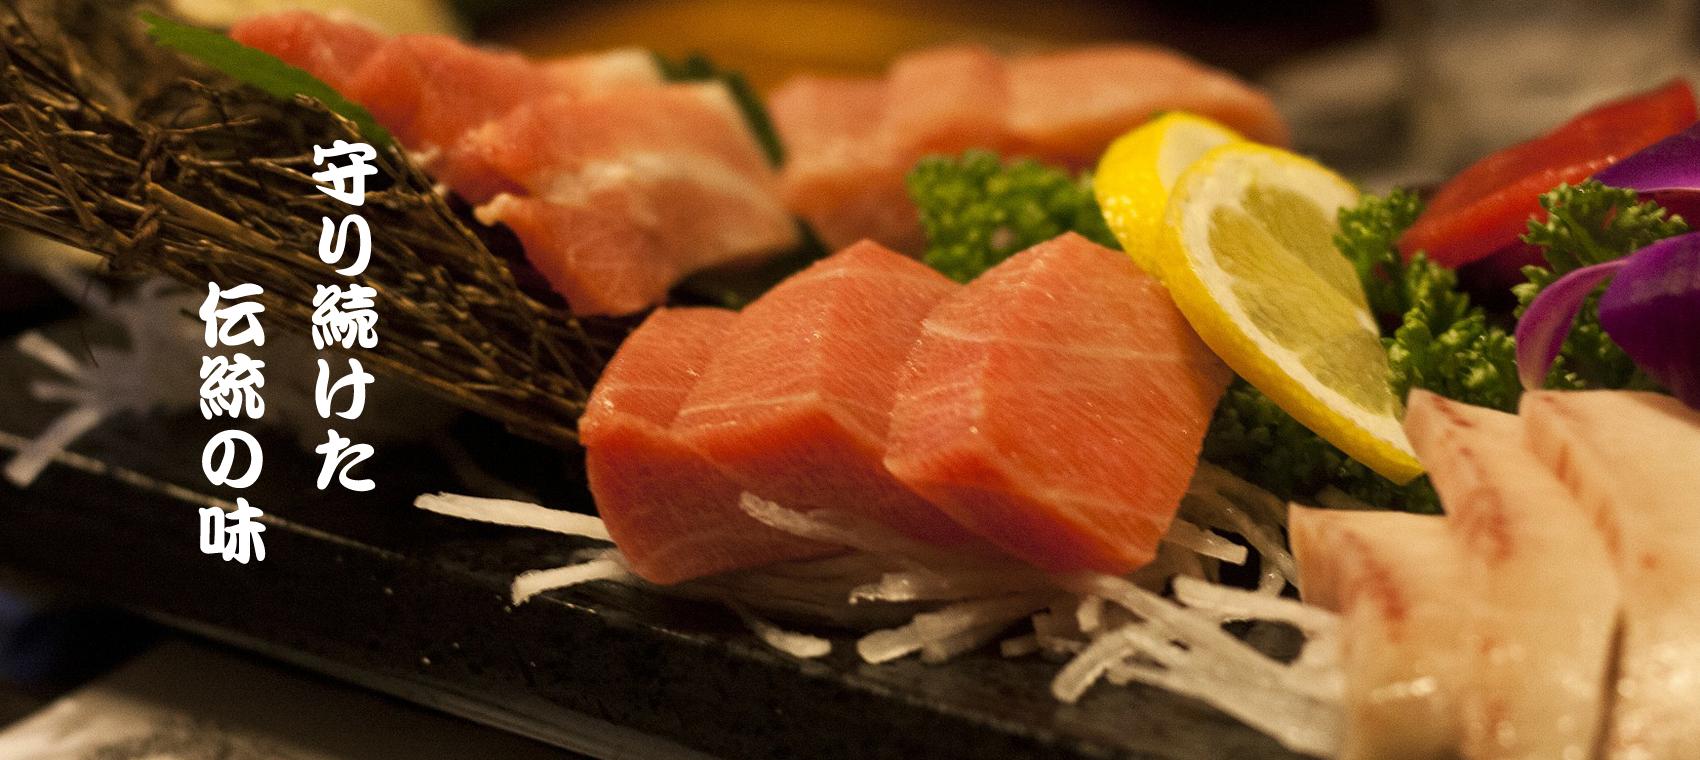 魚金ずしの守り続けた伝統の味